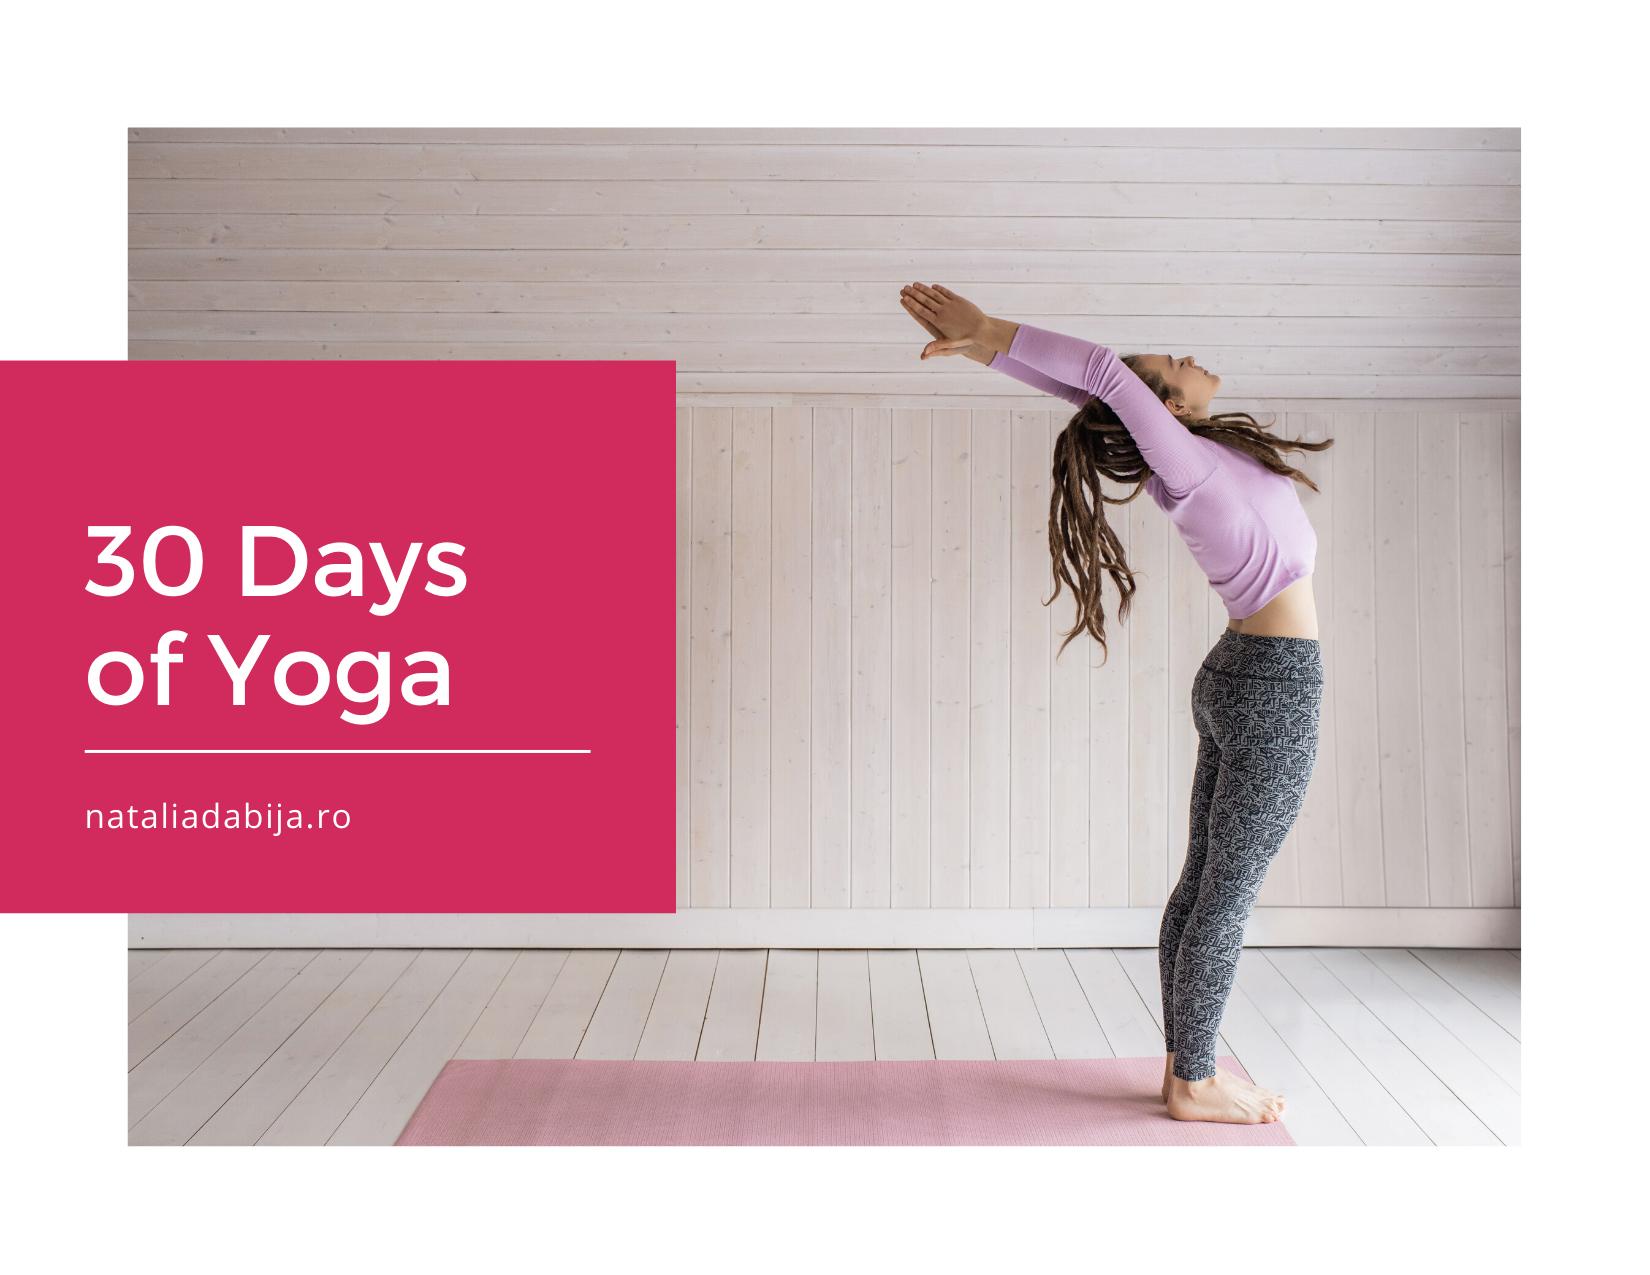 Am-făcut-Yoga-timp-de-30-de-zile-Cum-a-fost-și-ce-am-aflat_femeie-care-face-yoga